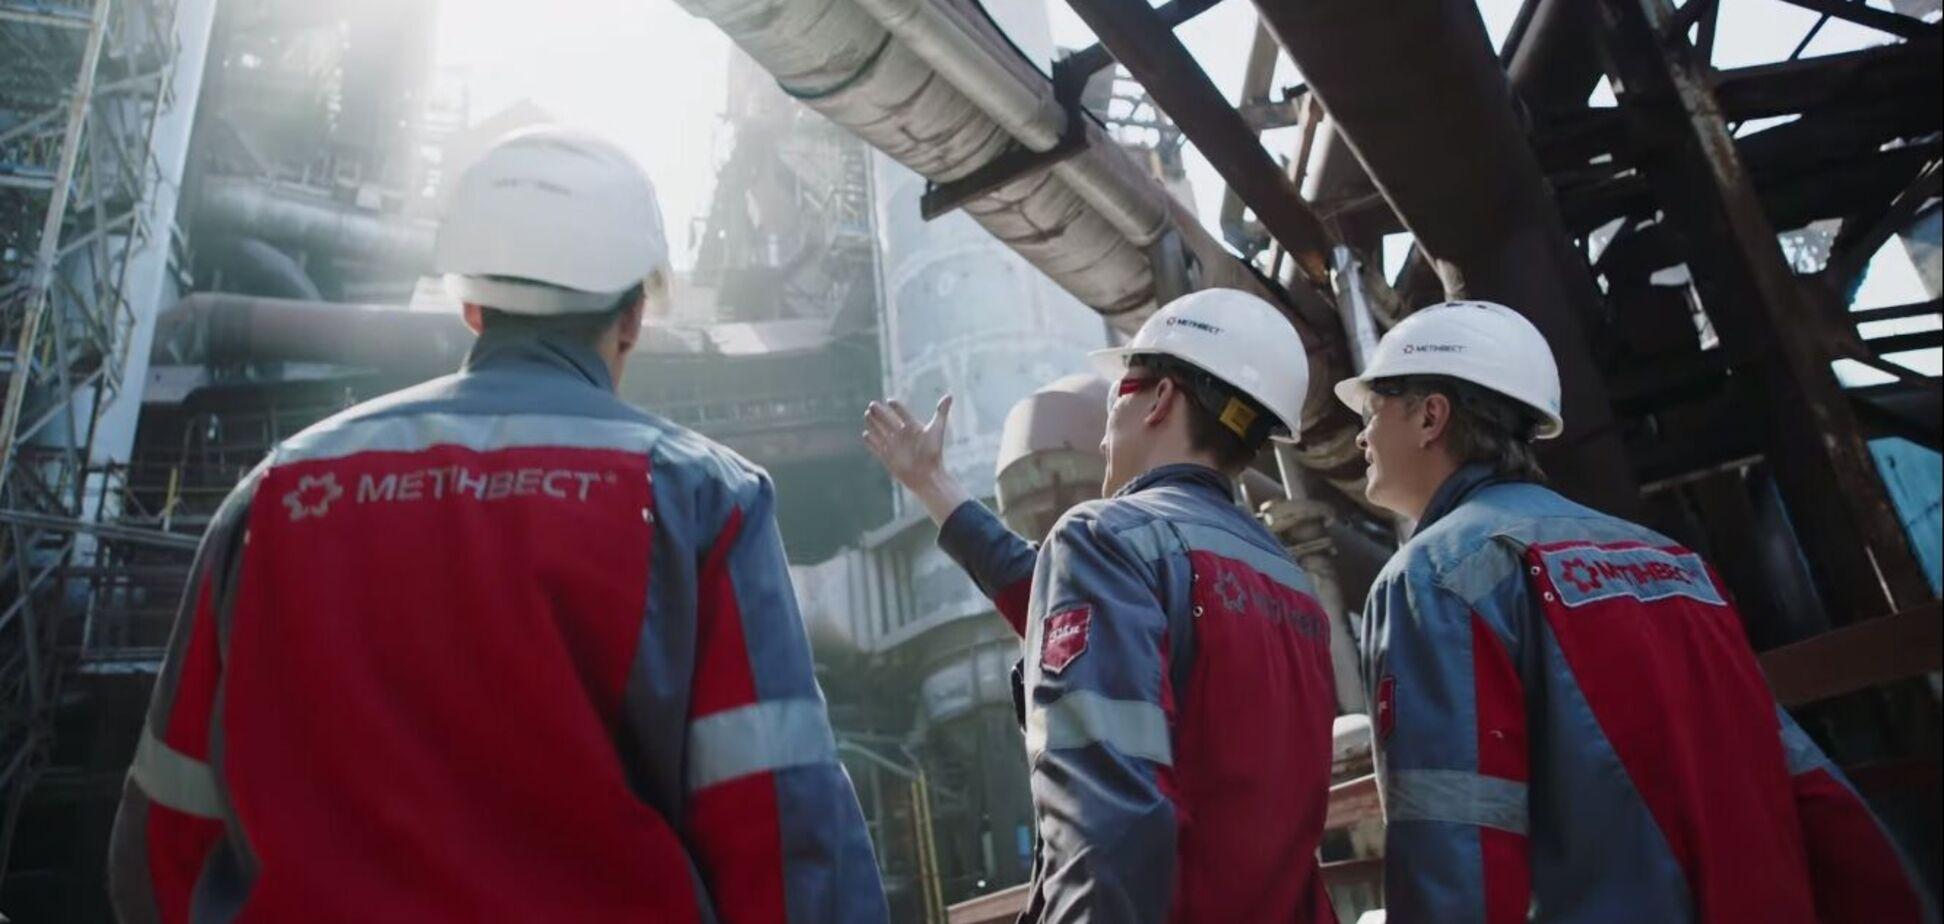 Приобретение 'Метинвестом' 'Покровской угольной группы' – позитивный сигнал для иностранных инвесторов